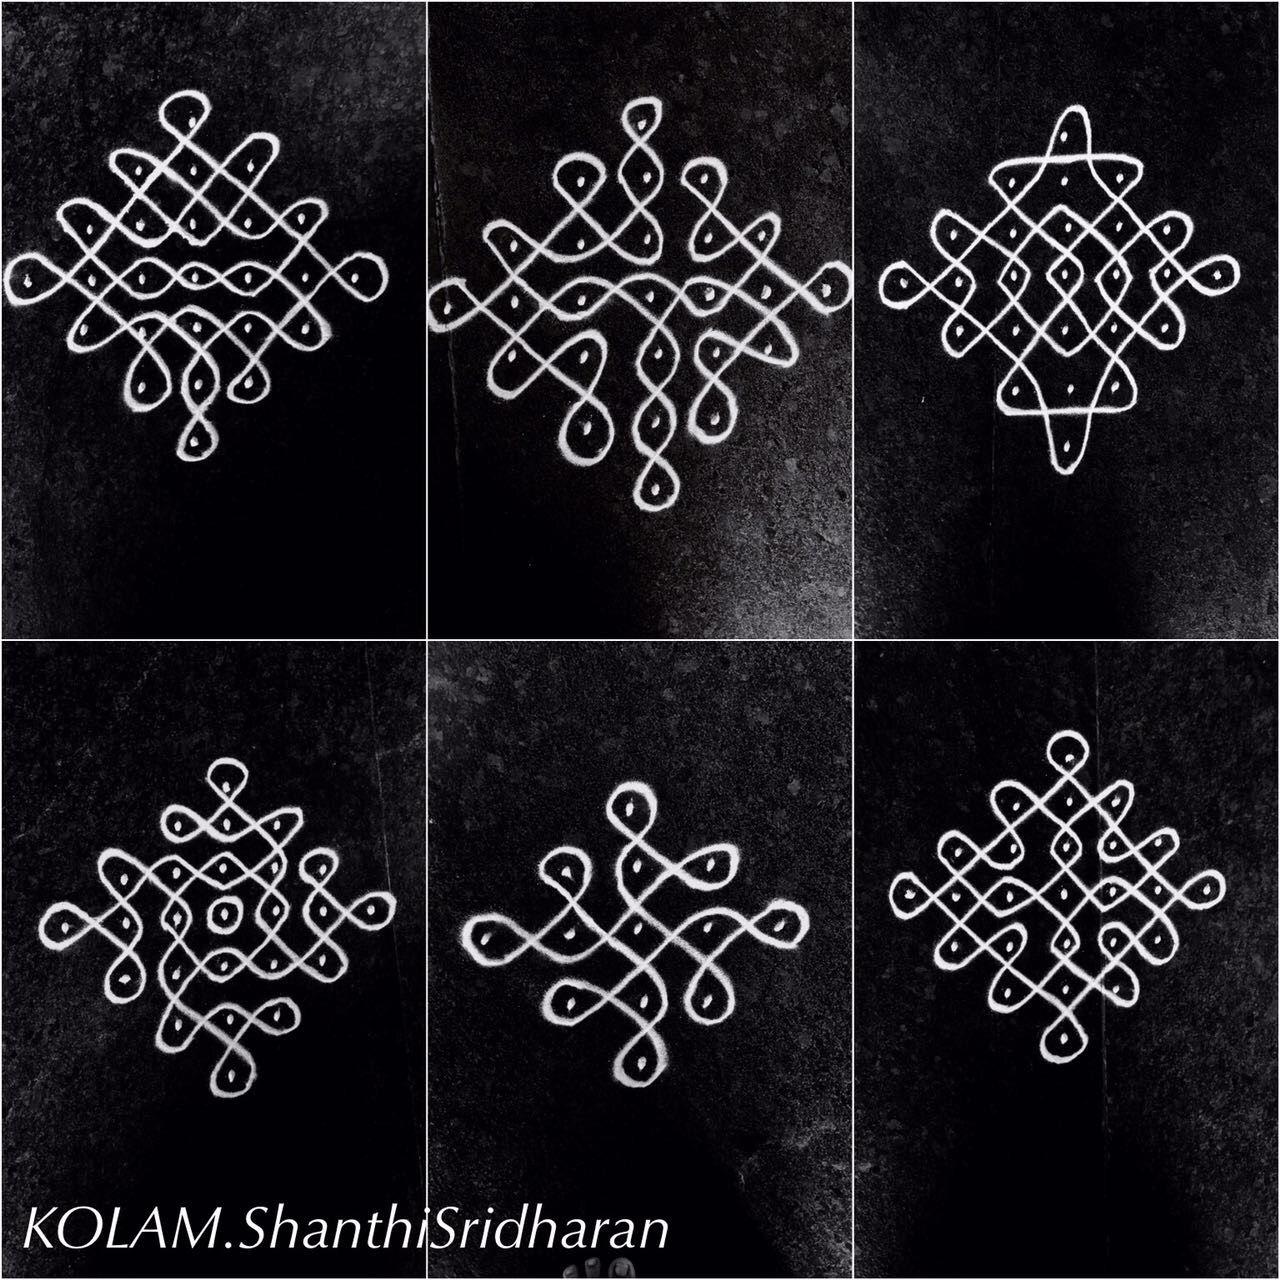 Pin by Shanthi Sridharan.KOLAM on Black and white Kolam